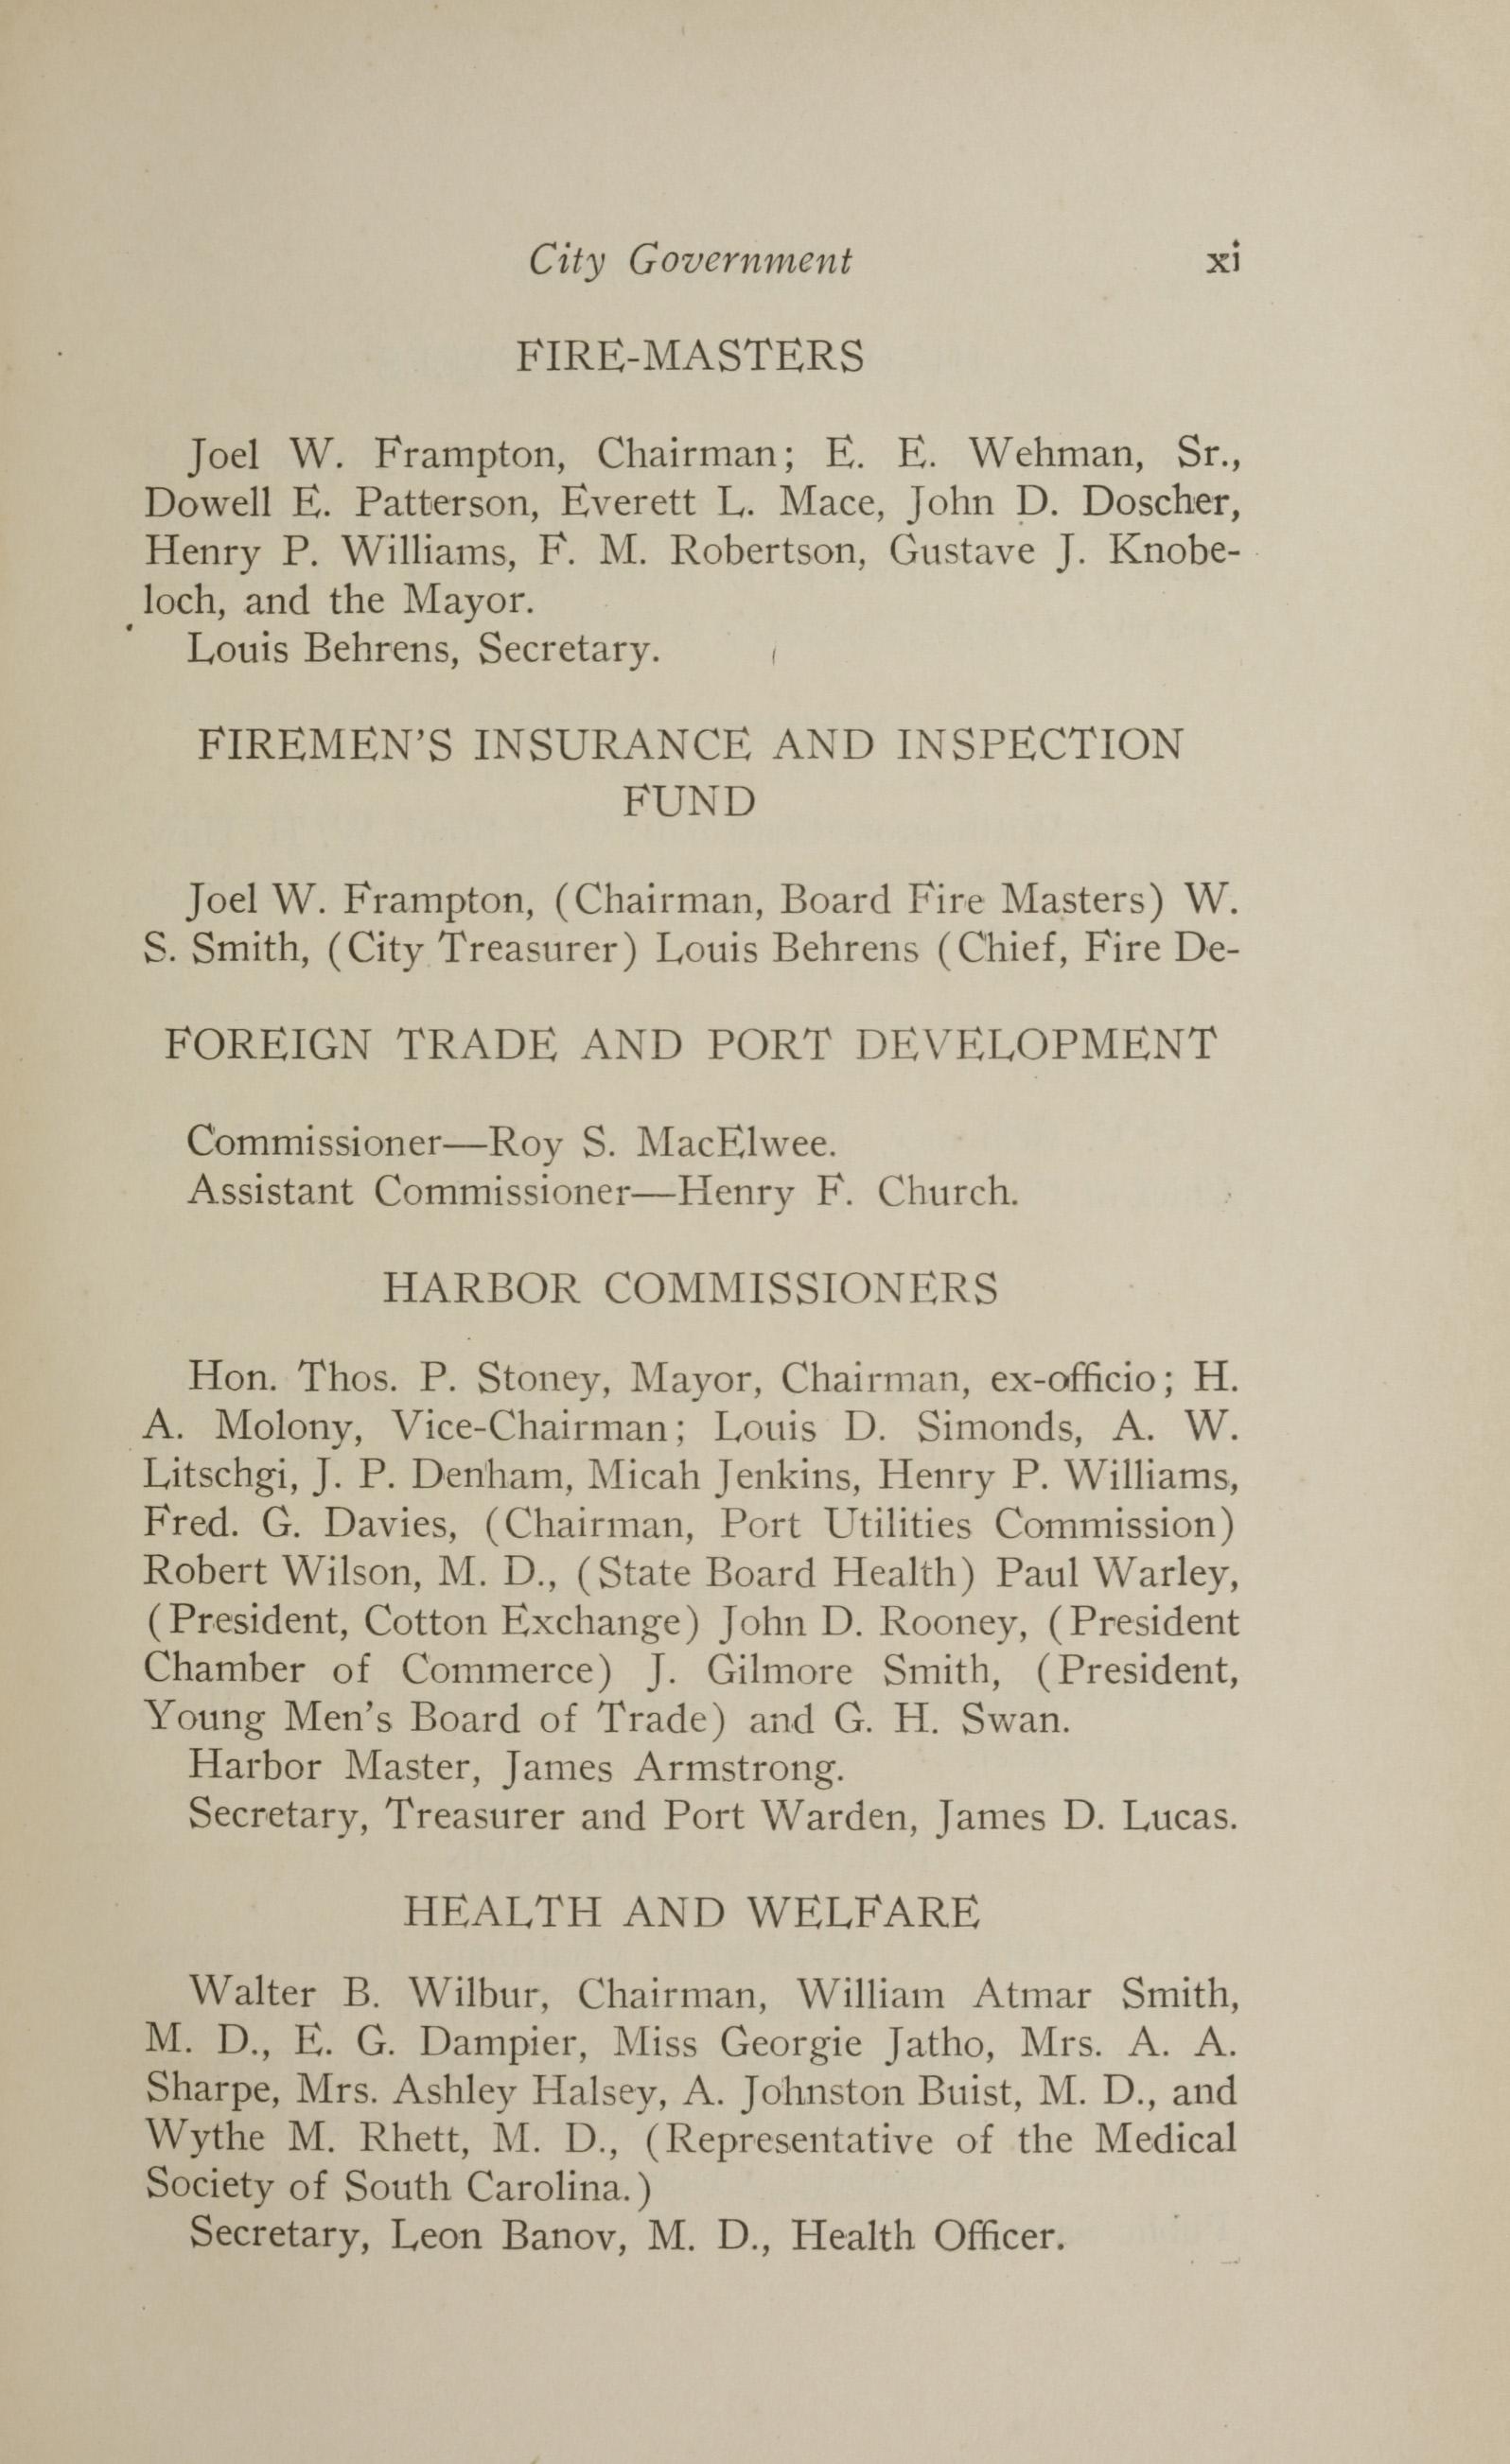 Charleston Yearbook, 1928, page xi